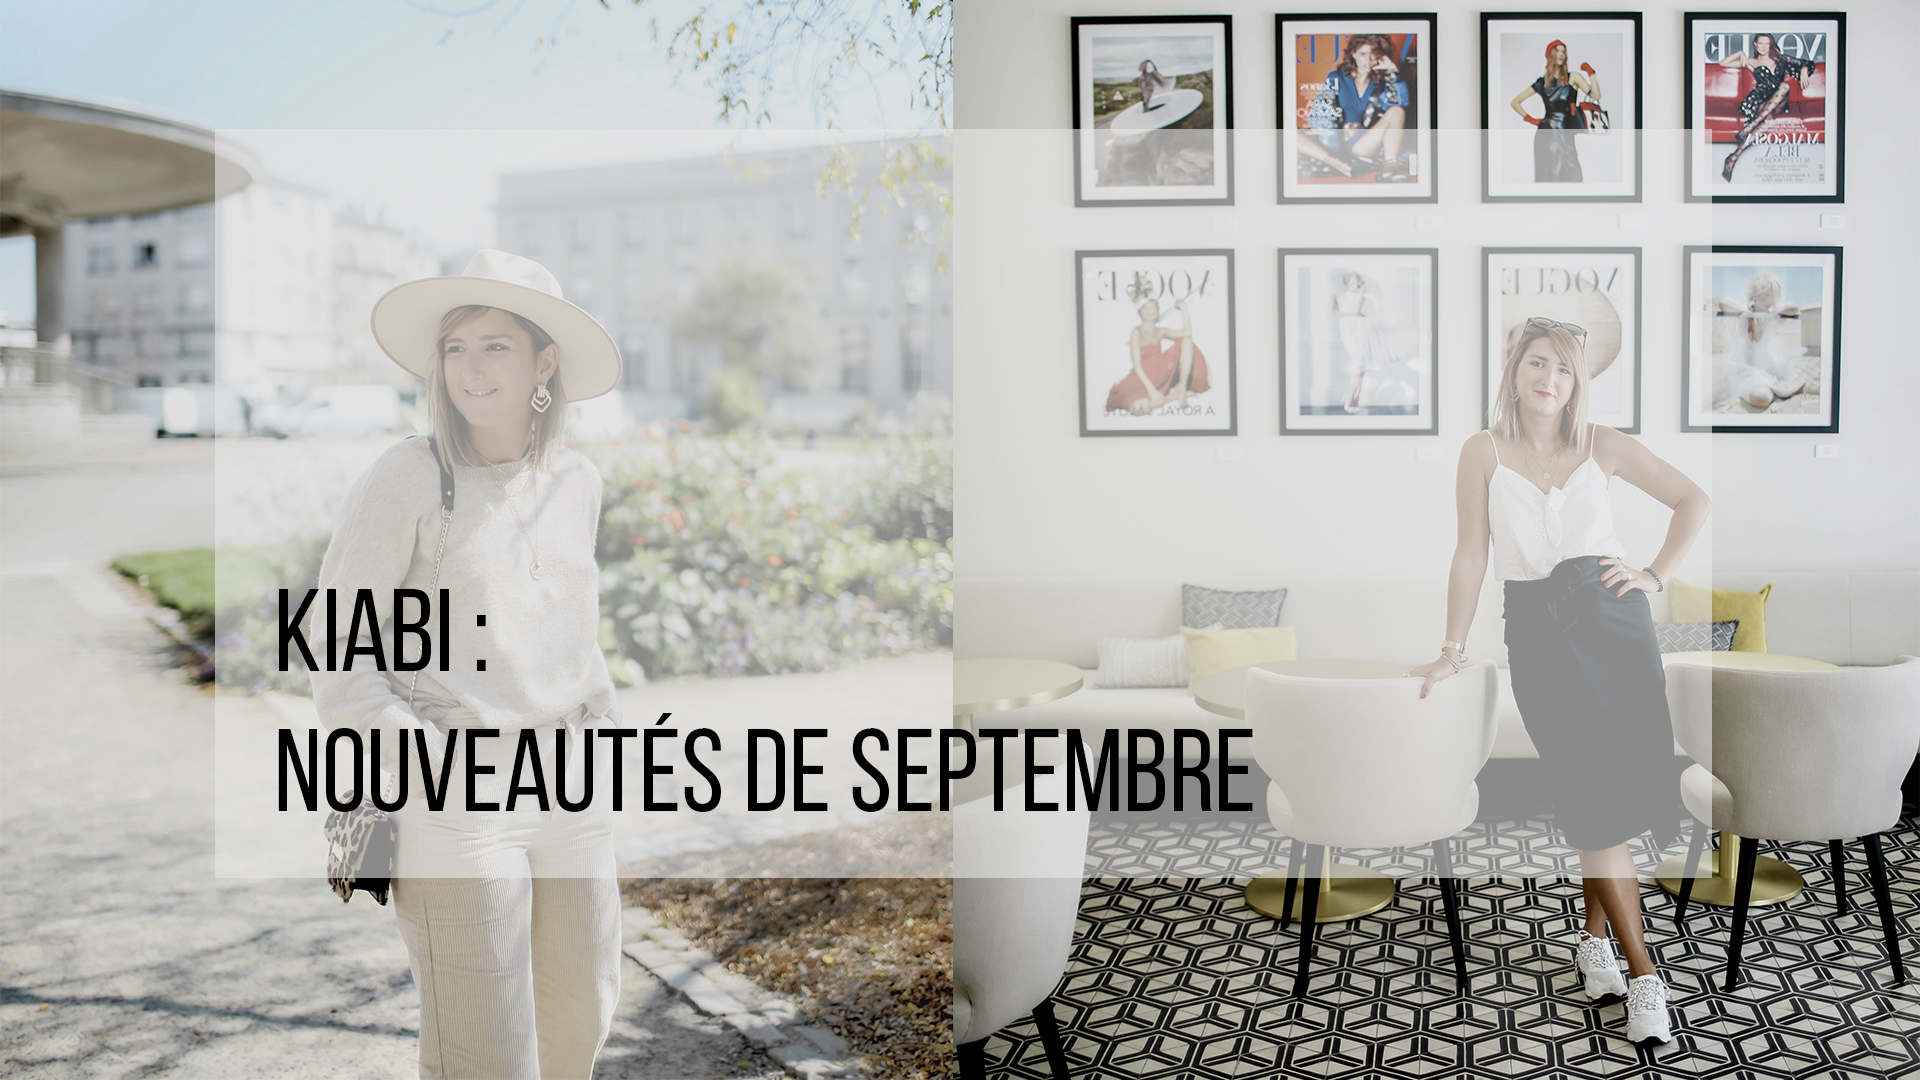 Kiabi : Les nouveautés de septembre L'instant Flo